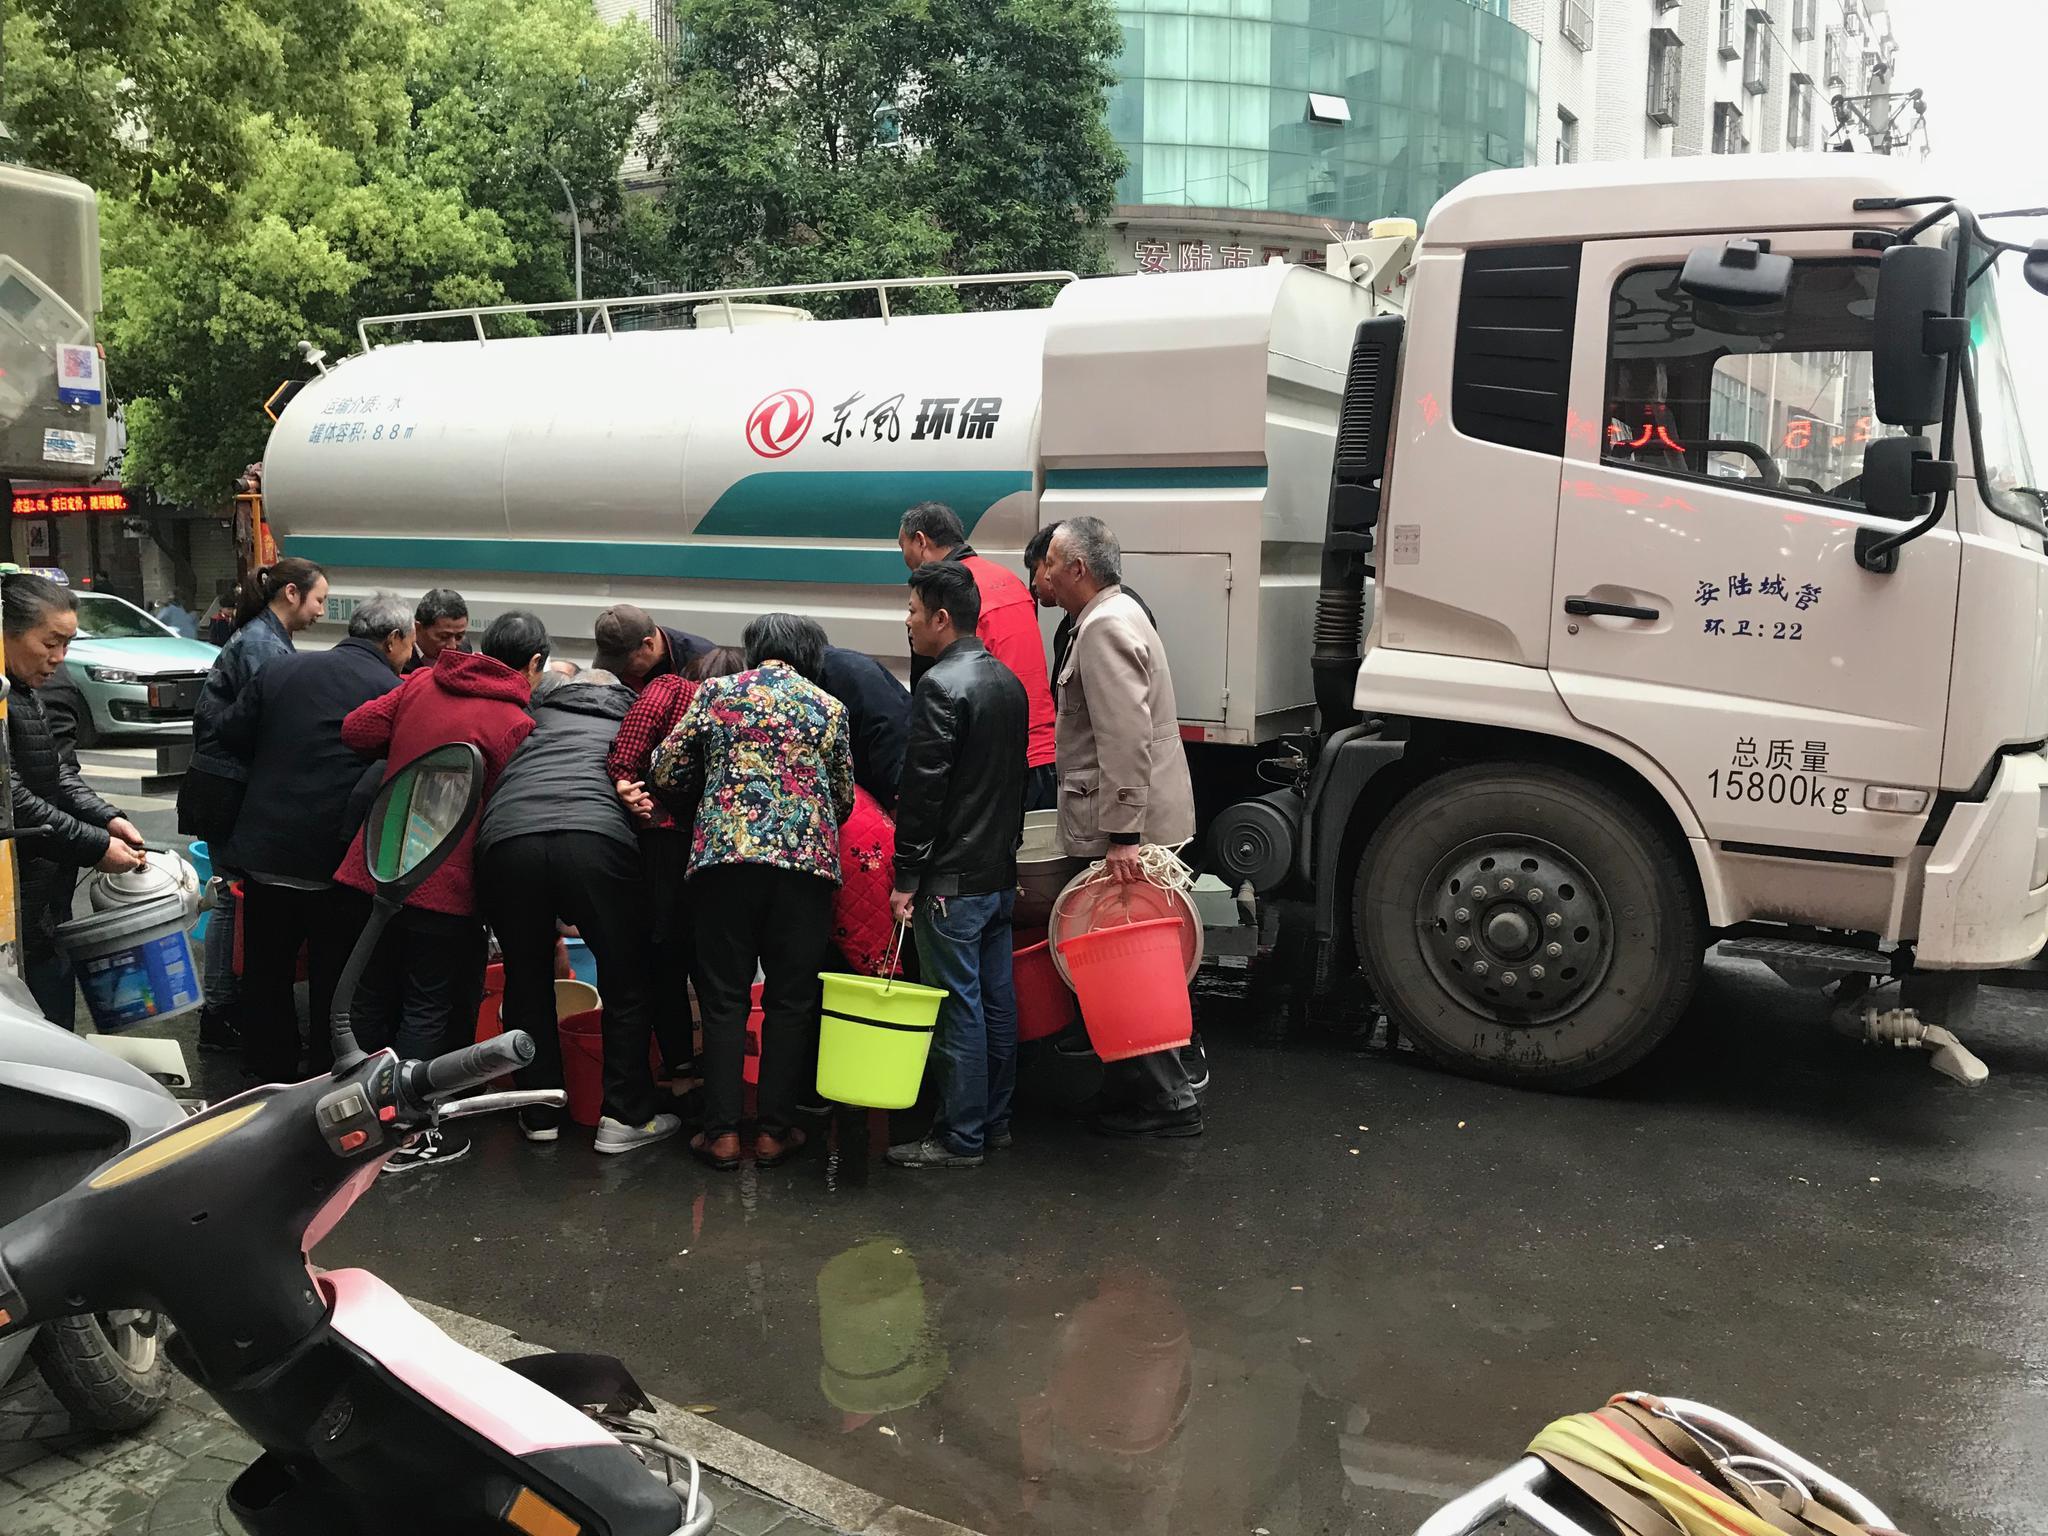 4月28日下午,在儒学路和龙门路交叉口,安陆城管部门的车辆在向附近居民发放生活用水。 陈耳生 摄